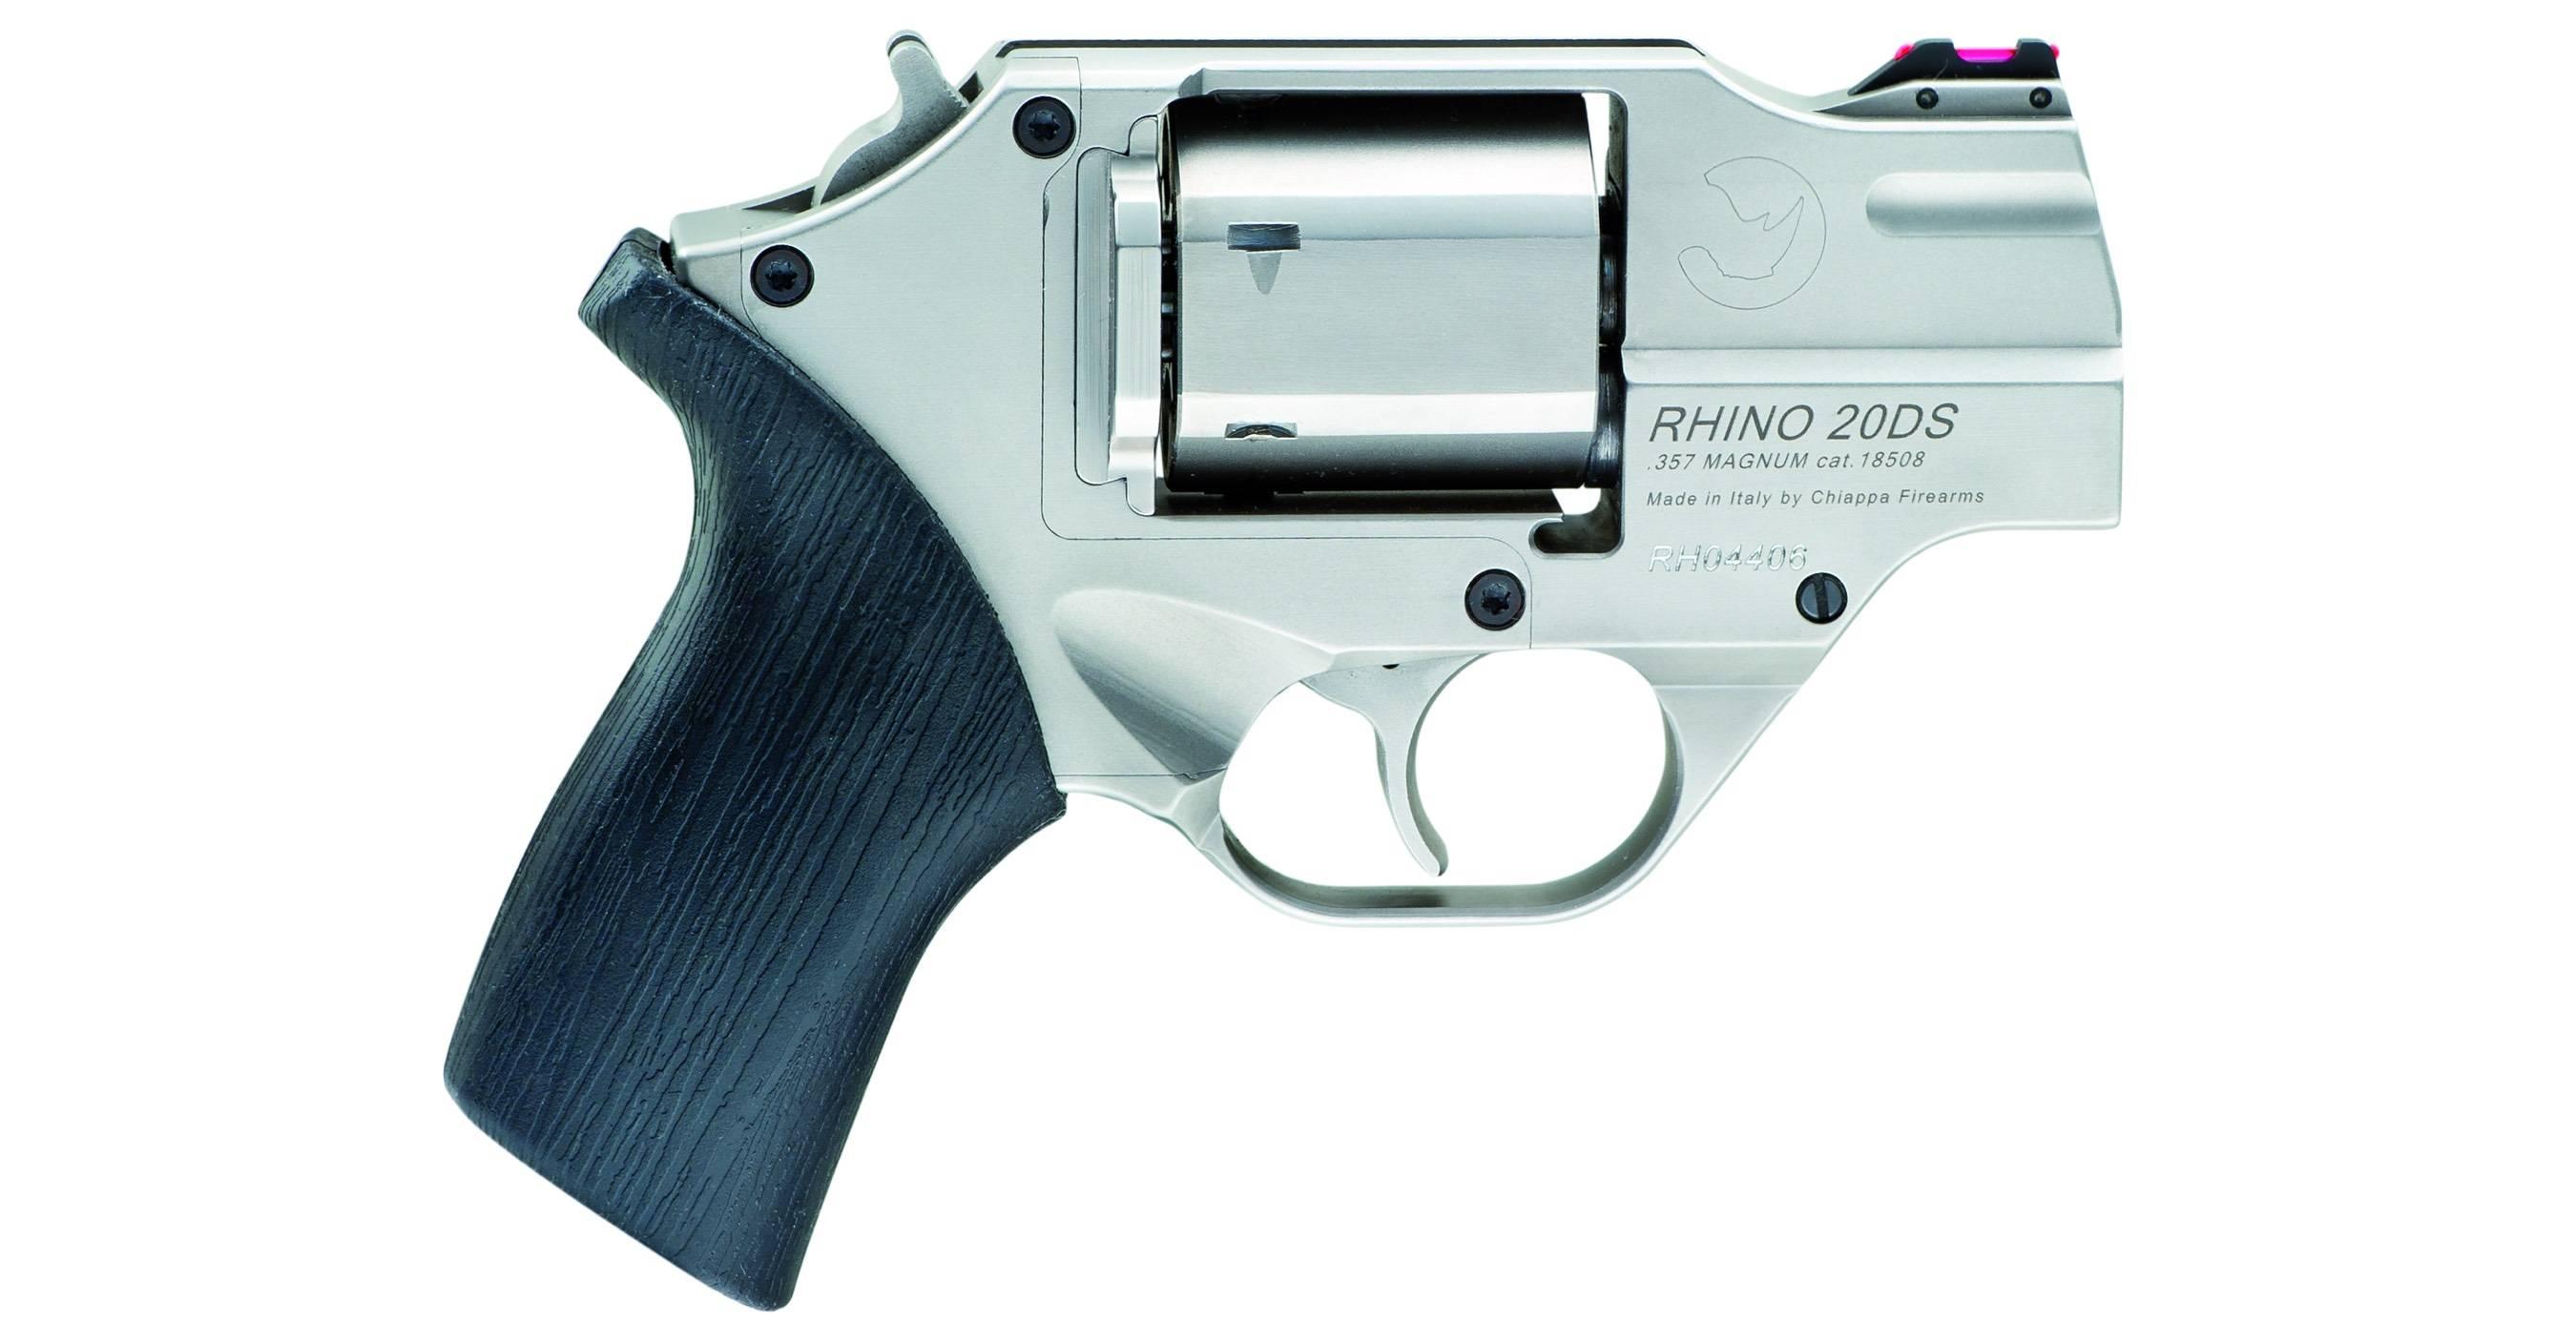 Chiappa firearms // rhino